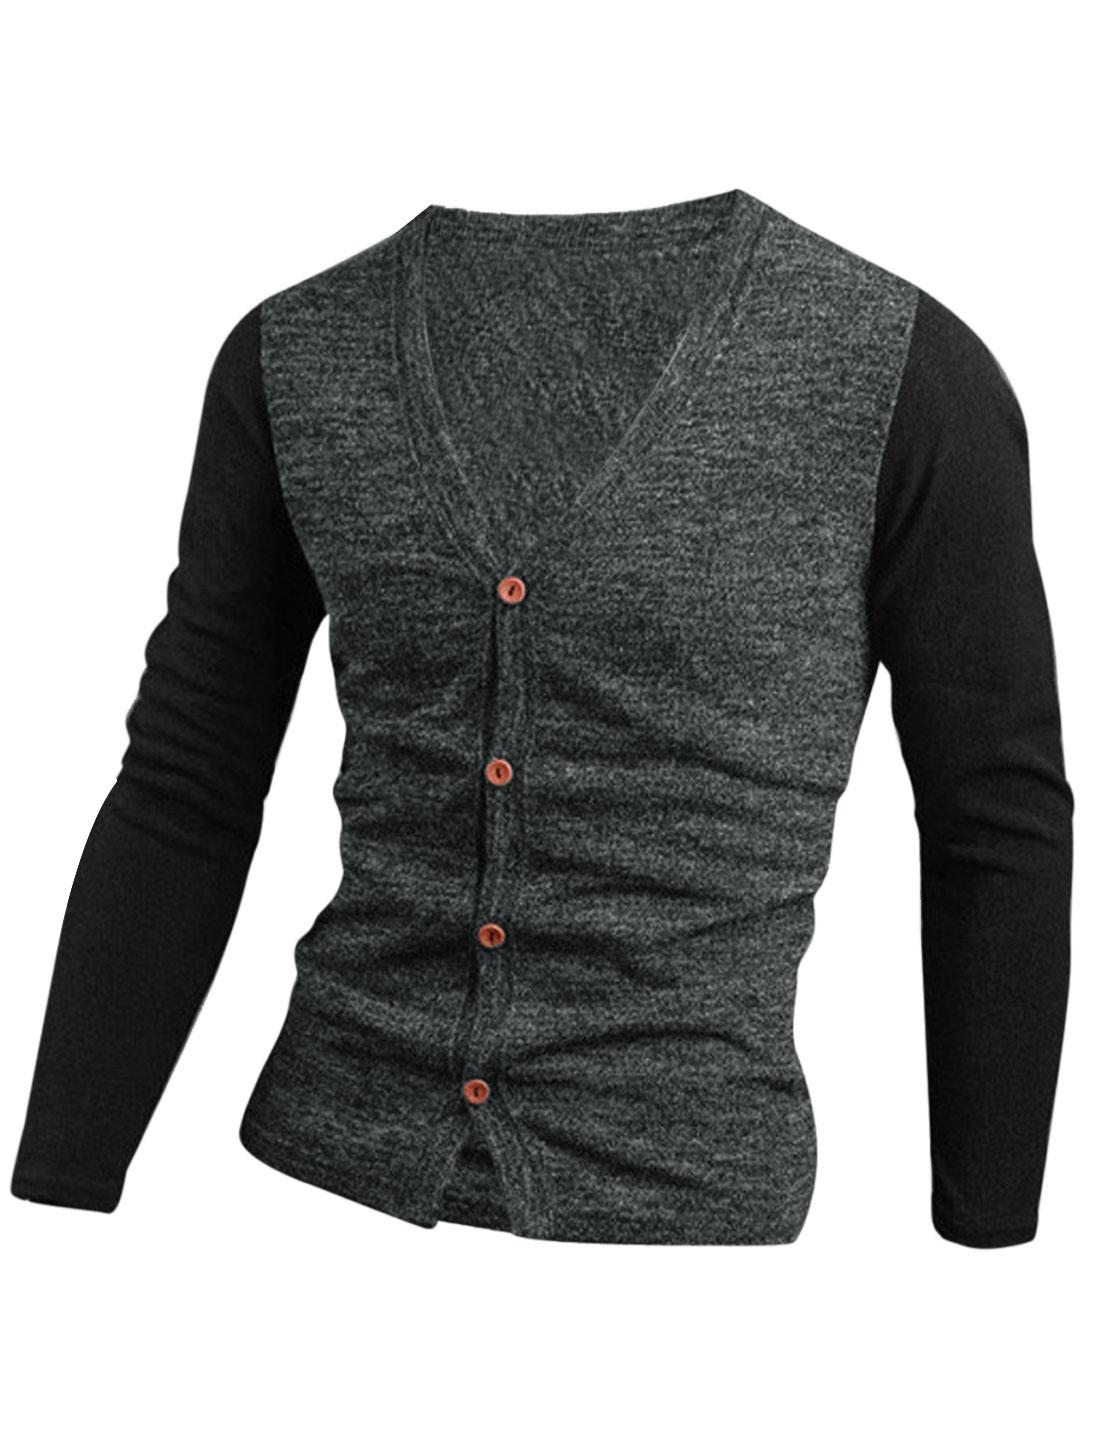 Men Contrast Color Single Breasted Casual Cardigan Dark Gray M